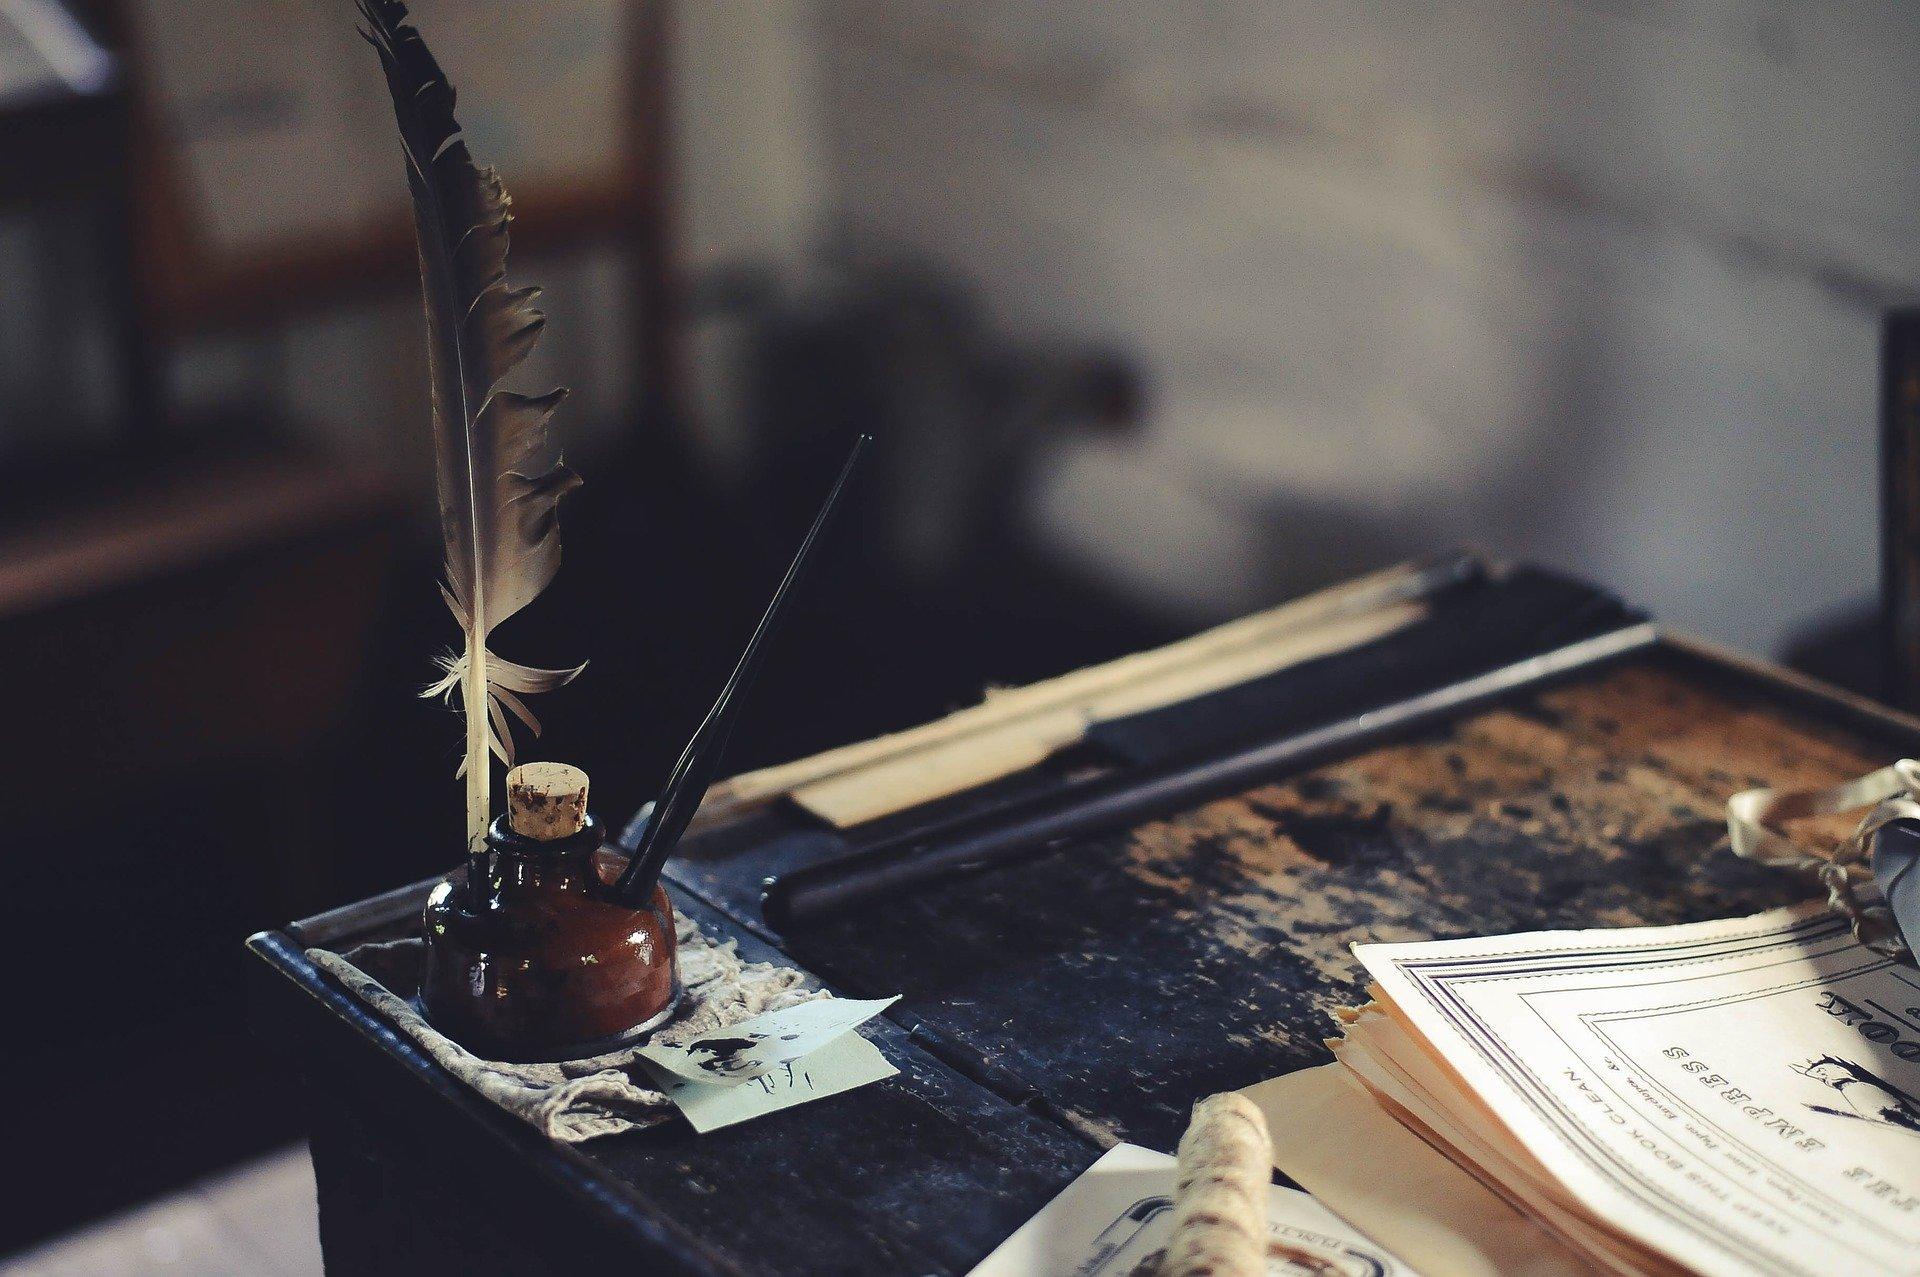 クラシカルなインクと羽根ペン